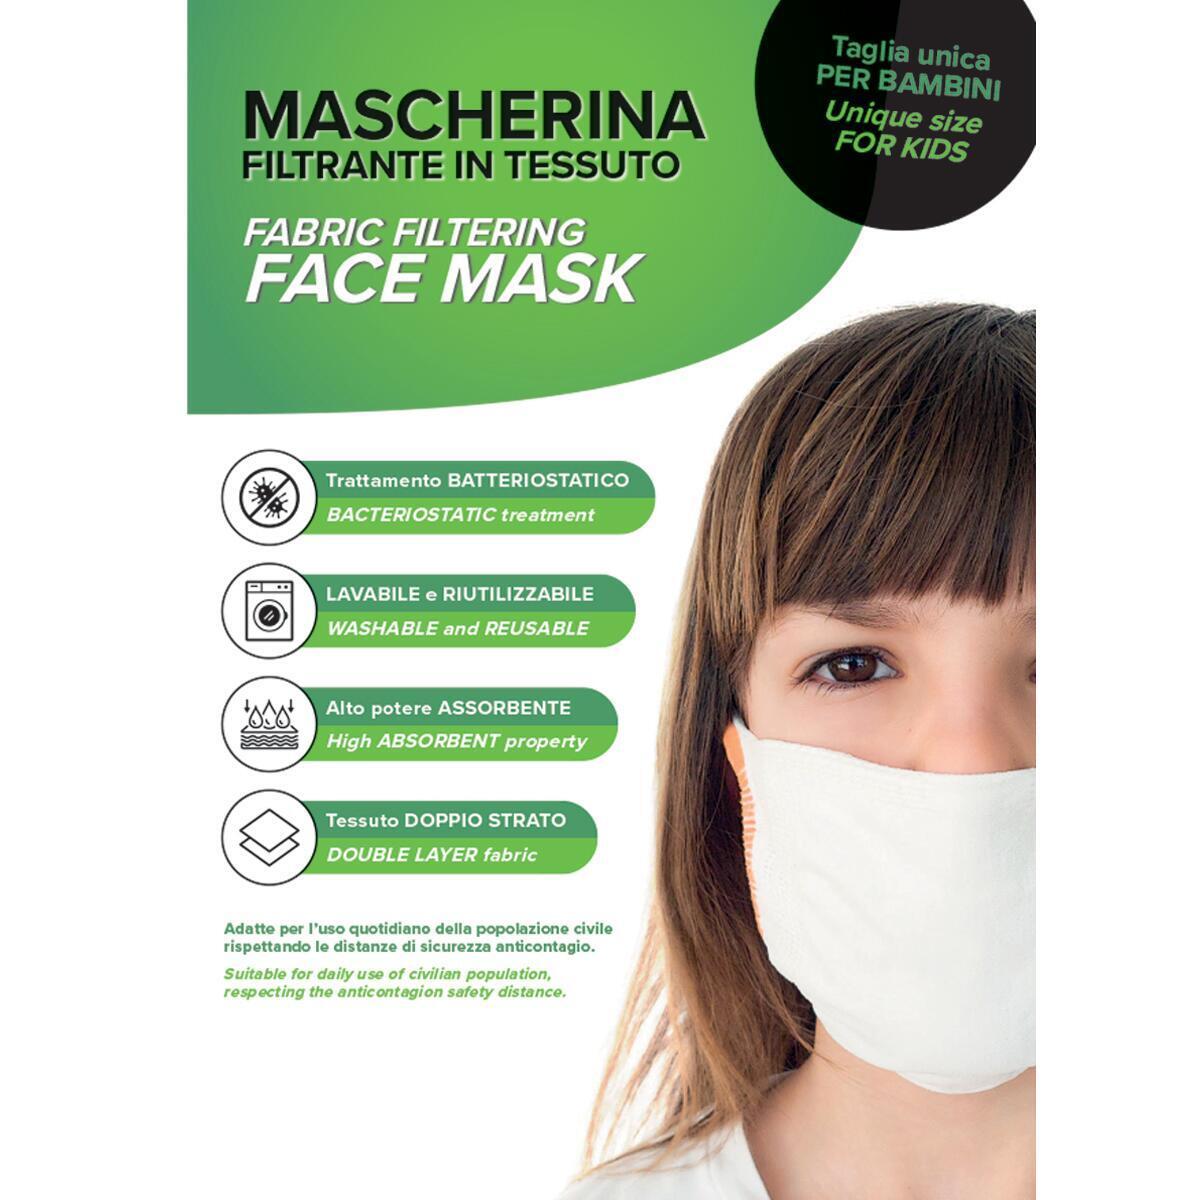 Maschera in tessuto lavabile per utilizzo non sanitario 3 pezzi - 2